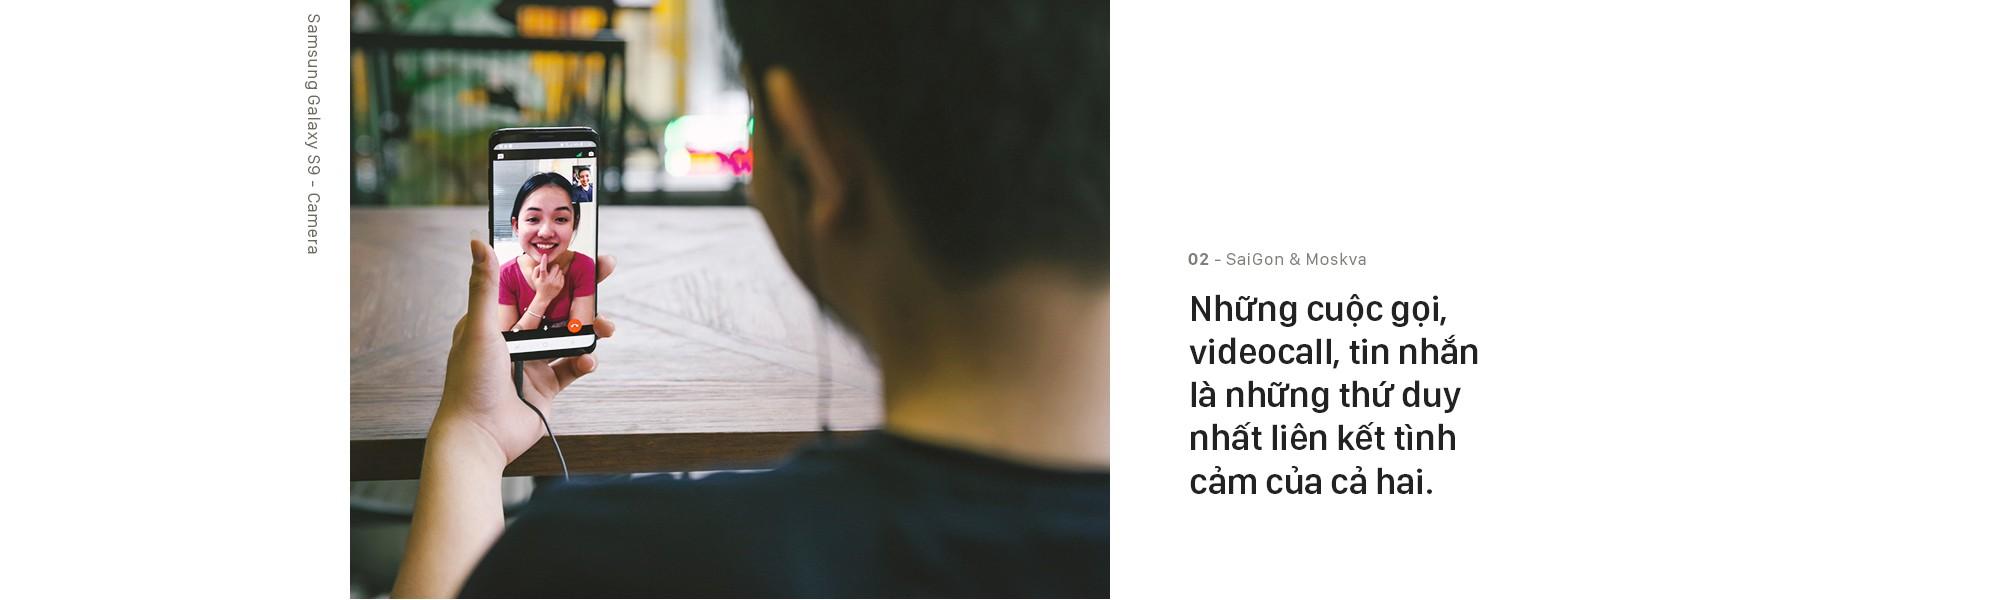 Sài Gòn & Moskva, tình ca ngày và đêm - Ảnh 2.